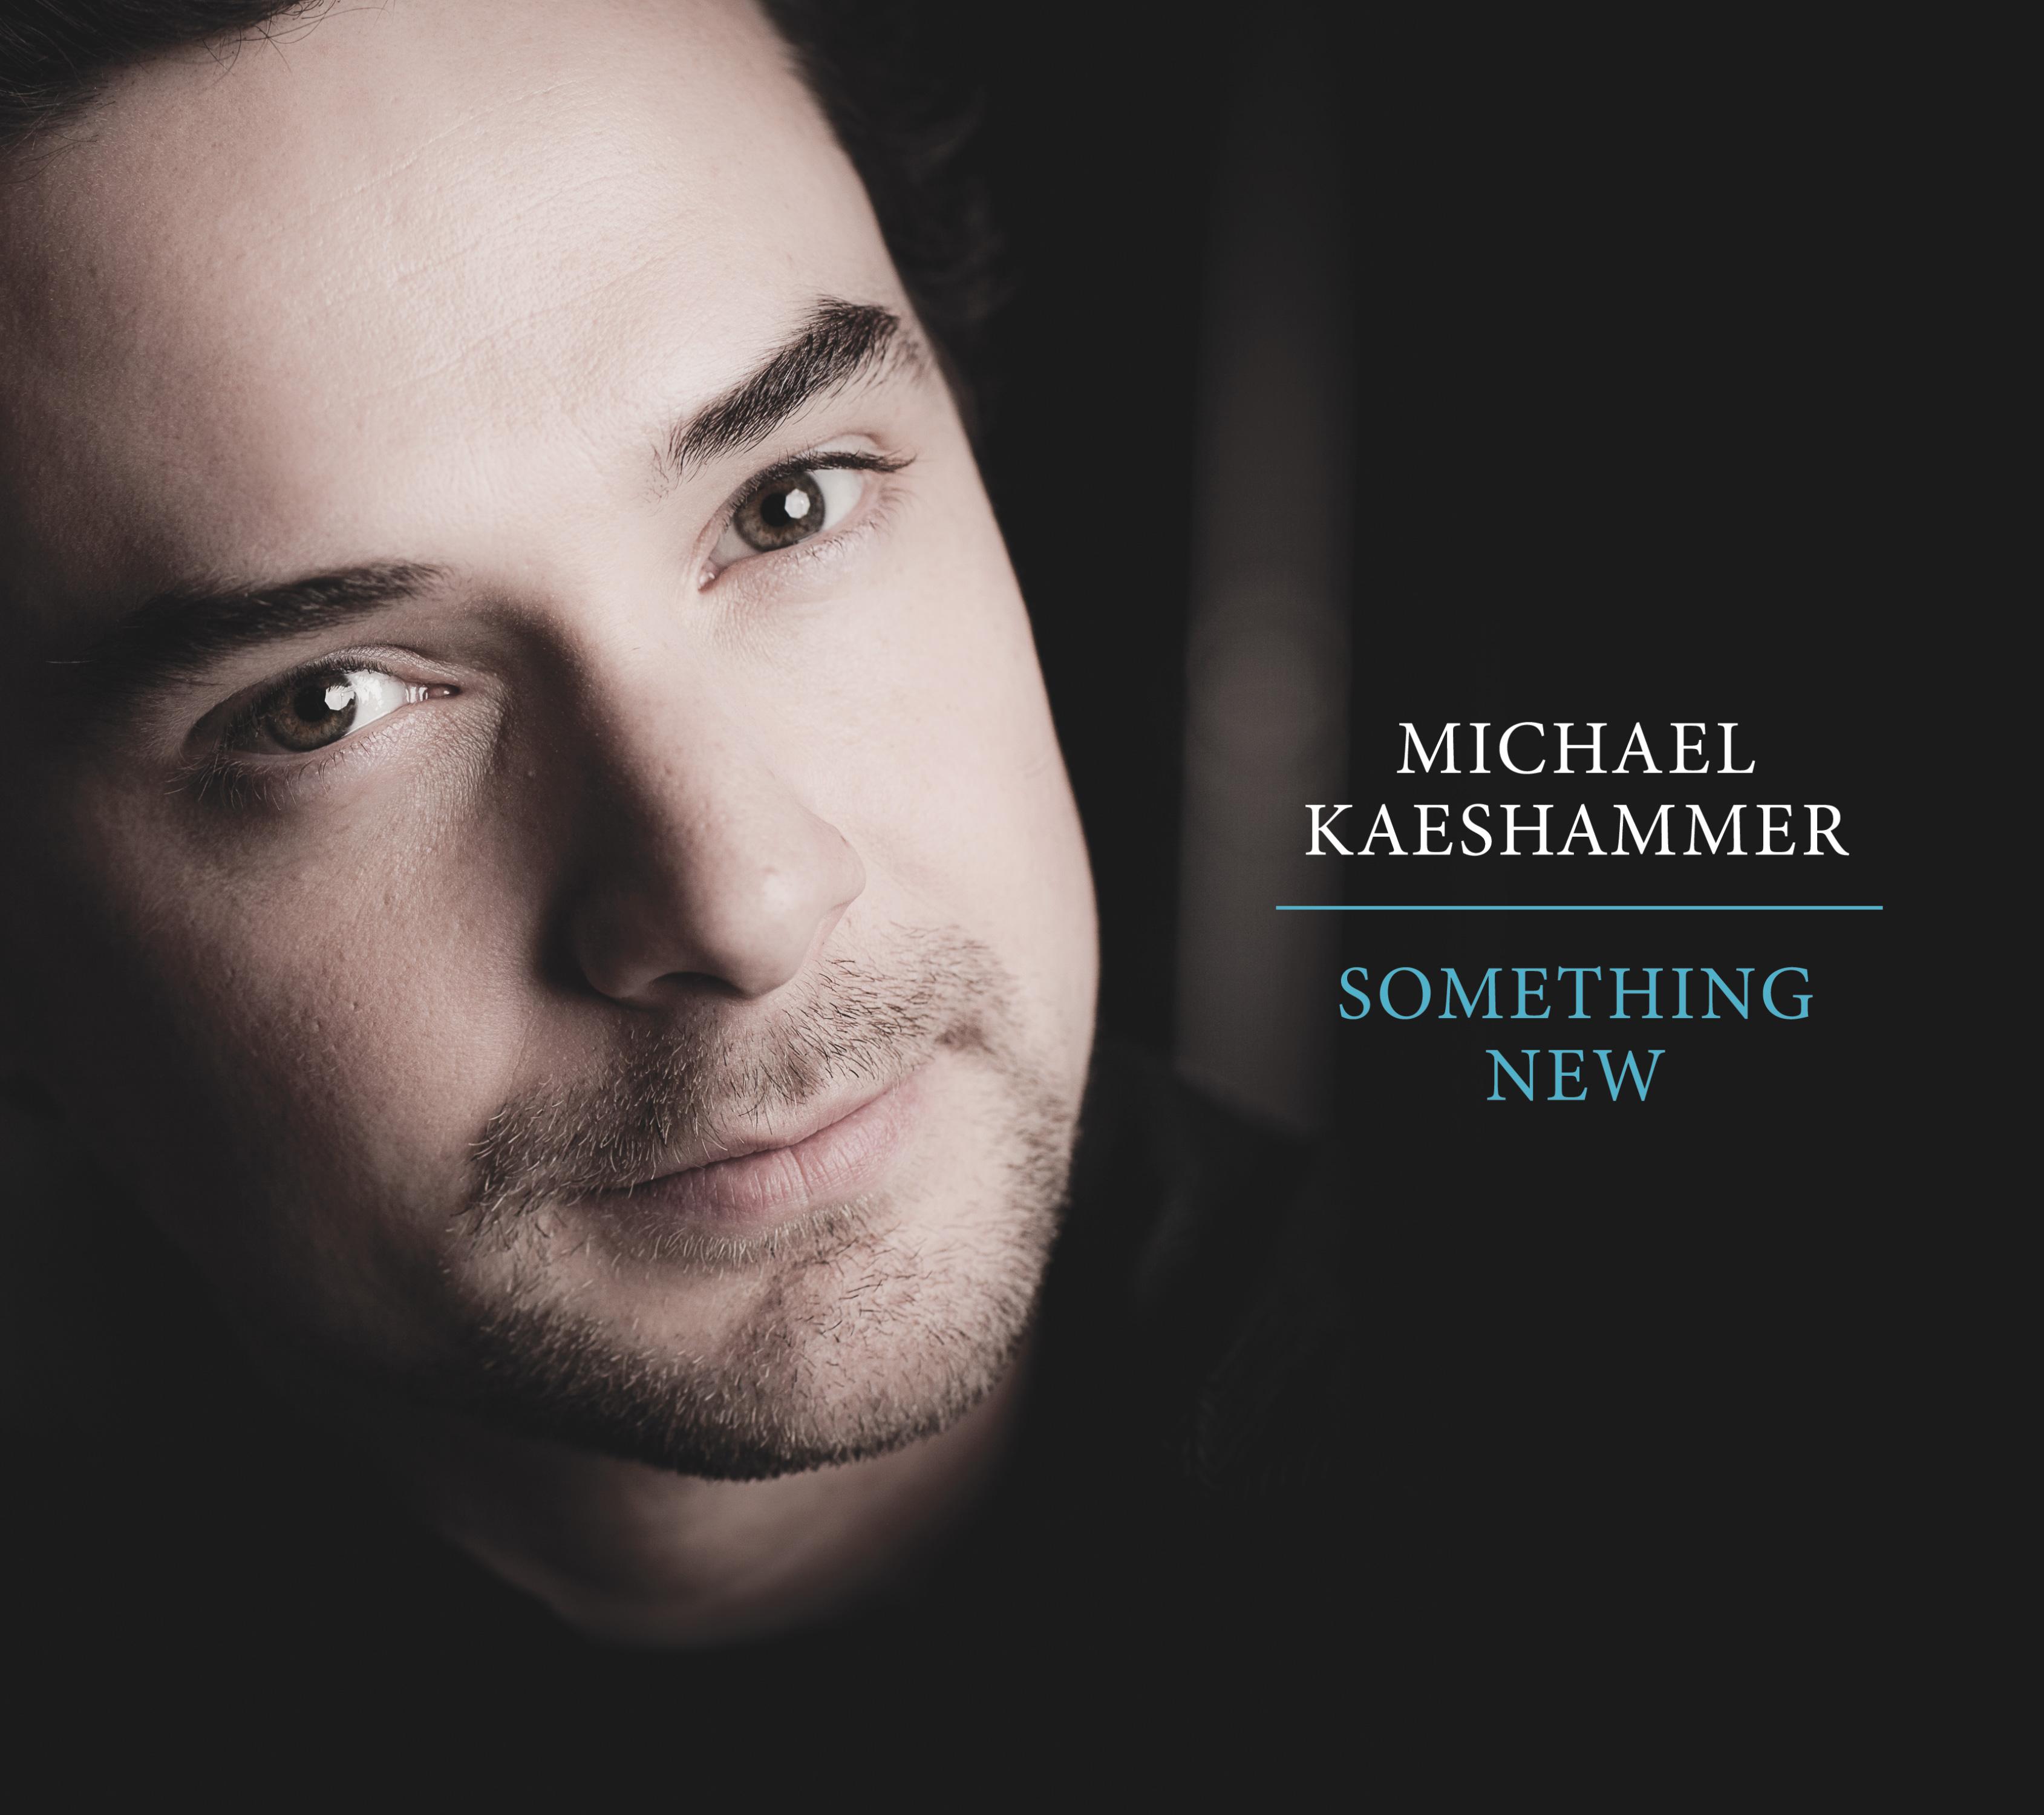 Michael Kaeshammer